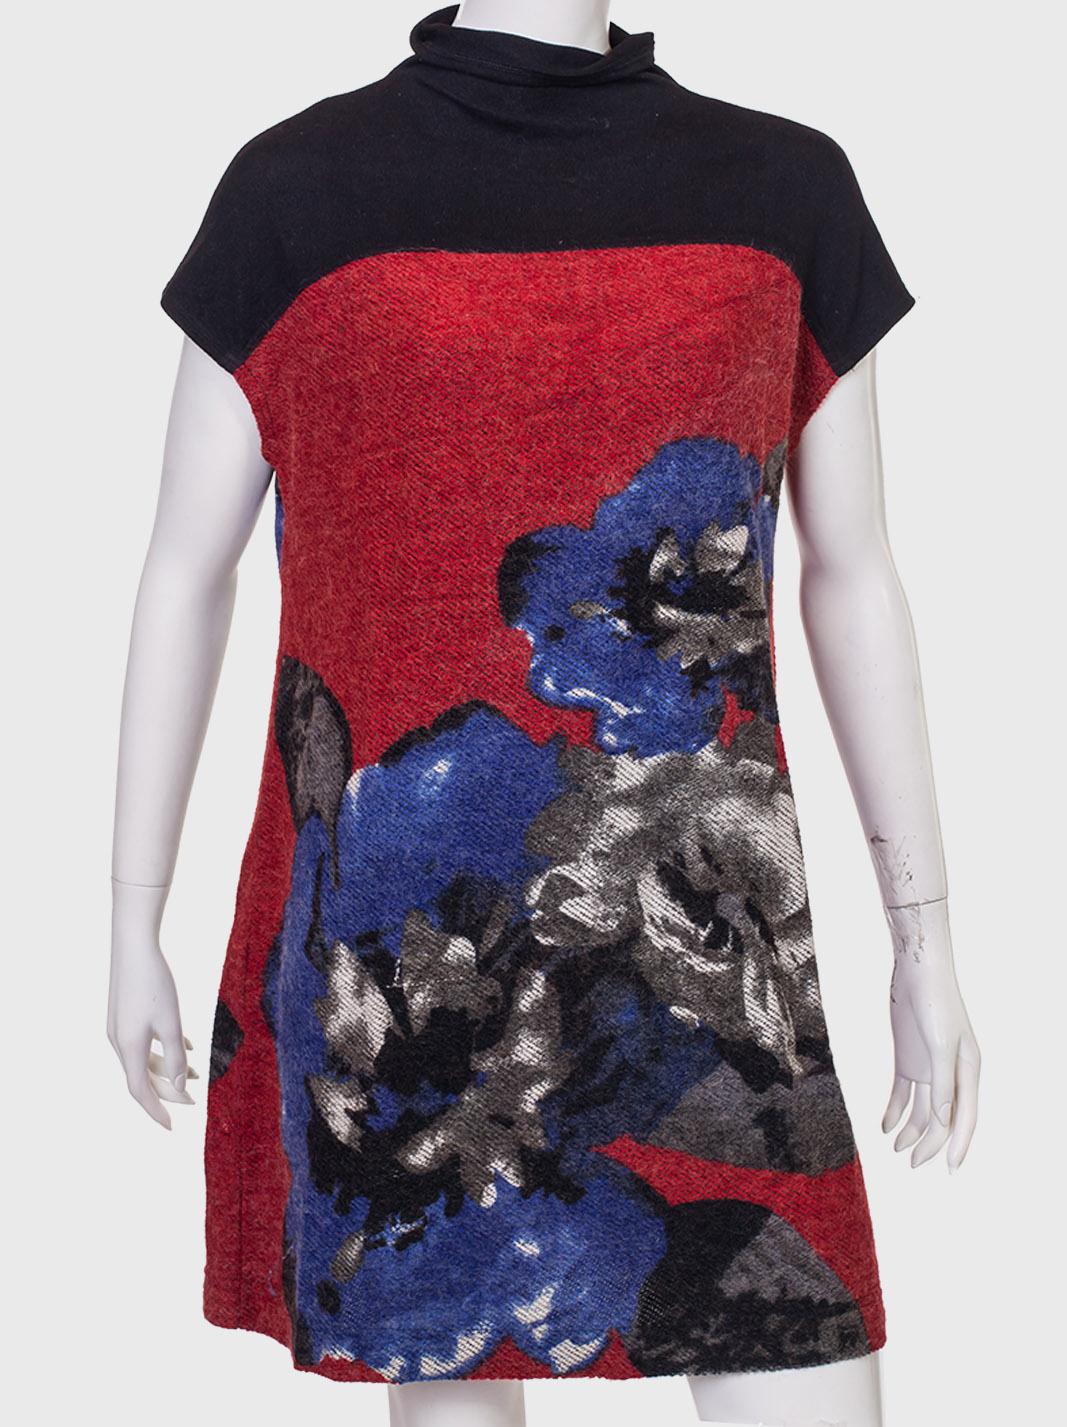 Купить броское платье с крупными цветами от AMIE